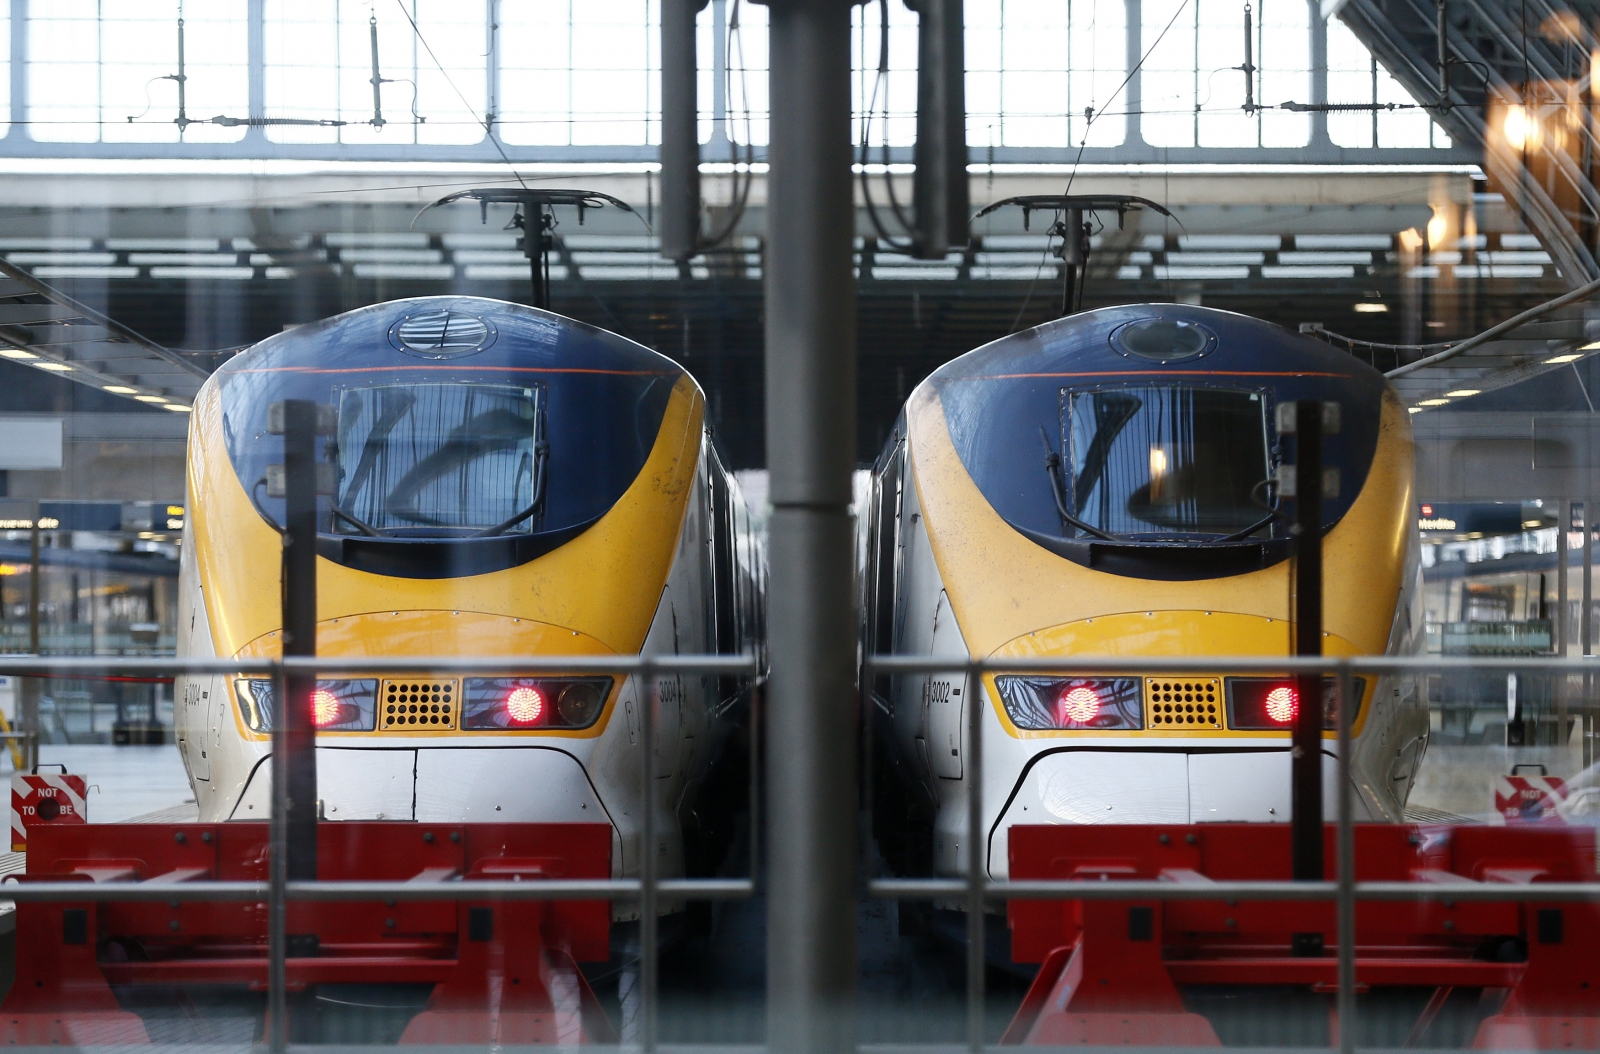 London Channel Tunnel